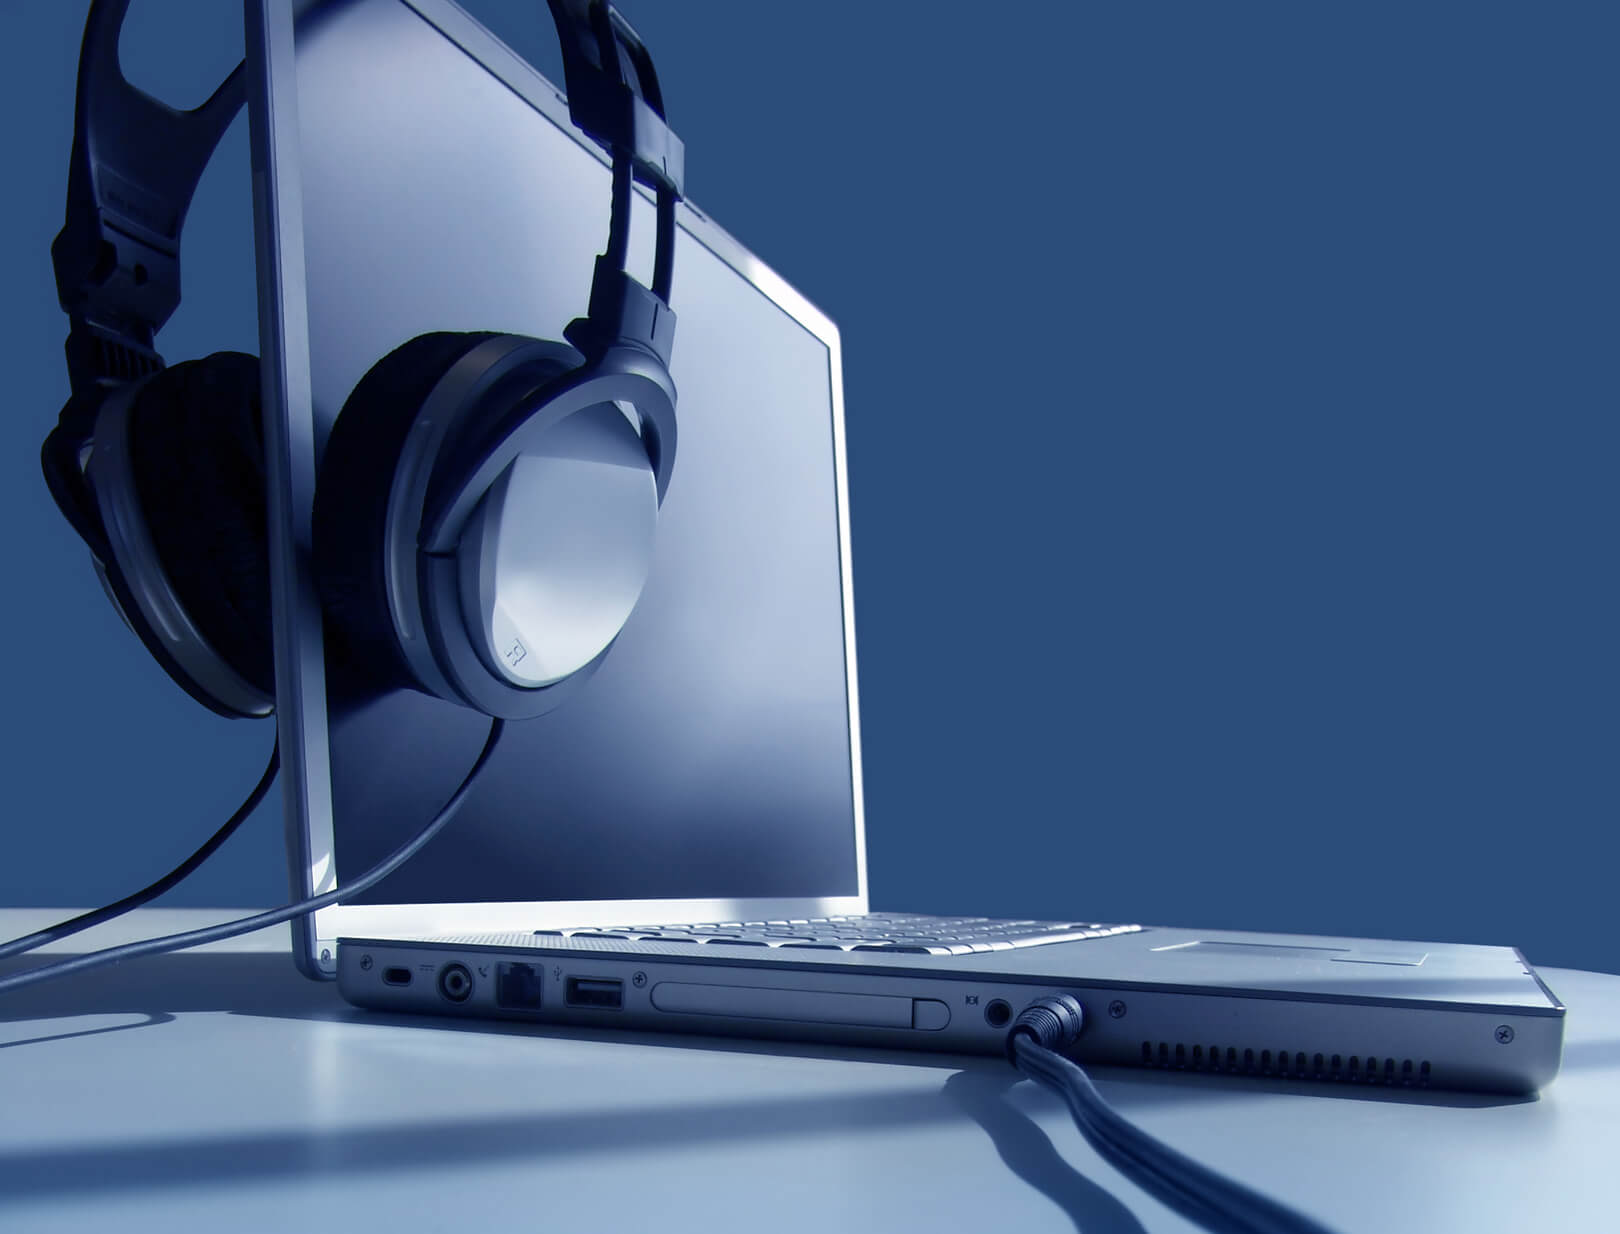 Настройка звука ноутбука в Санкт-Петербурге